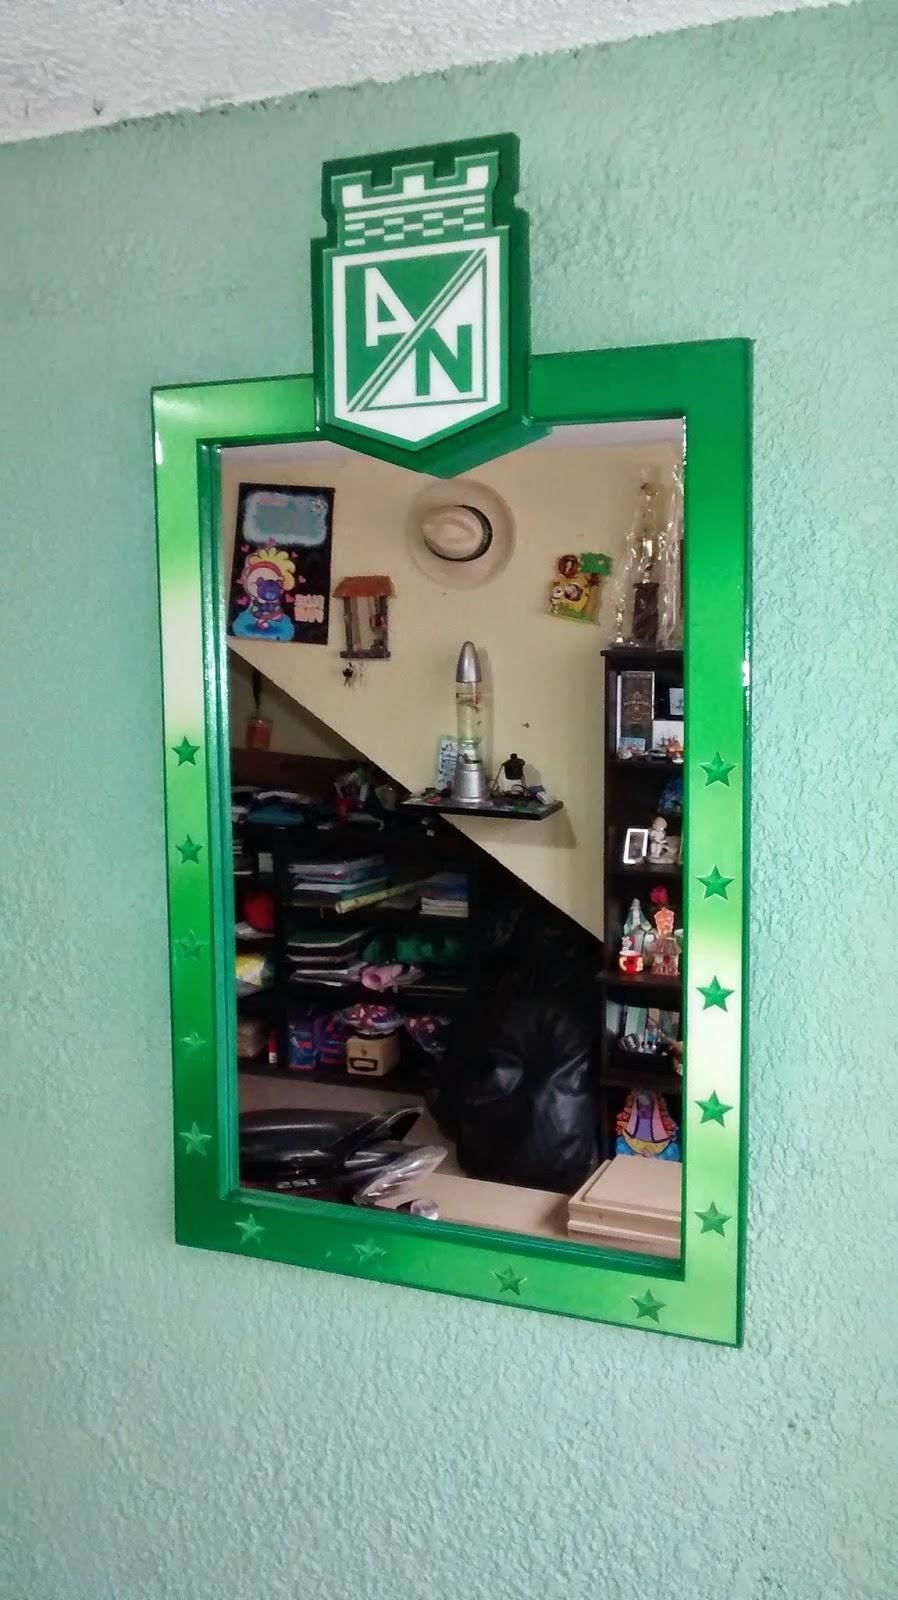 Galeria arte y dise o madekids marcos para espejos for Disenos de marcos para espejos